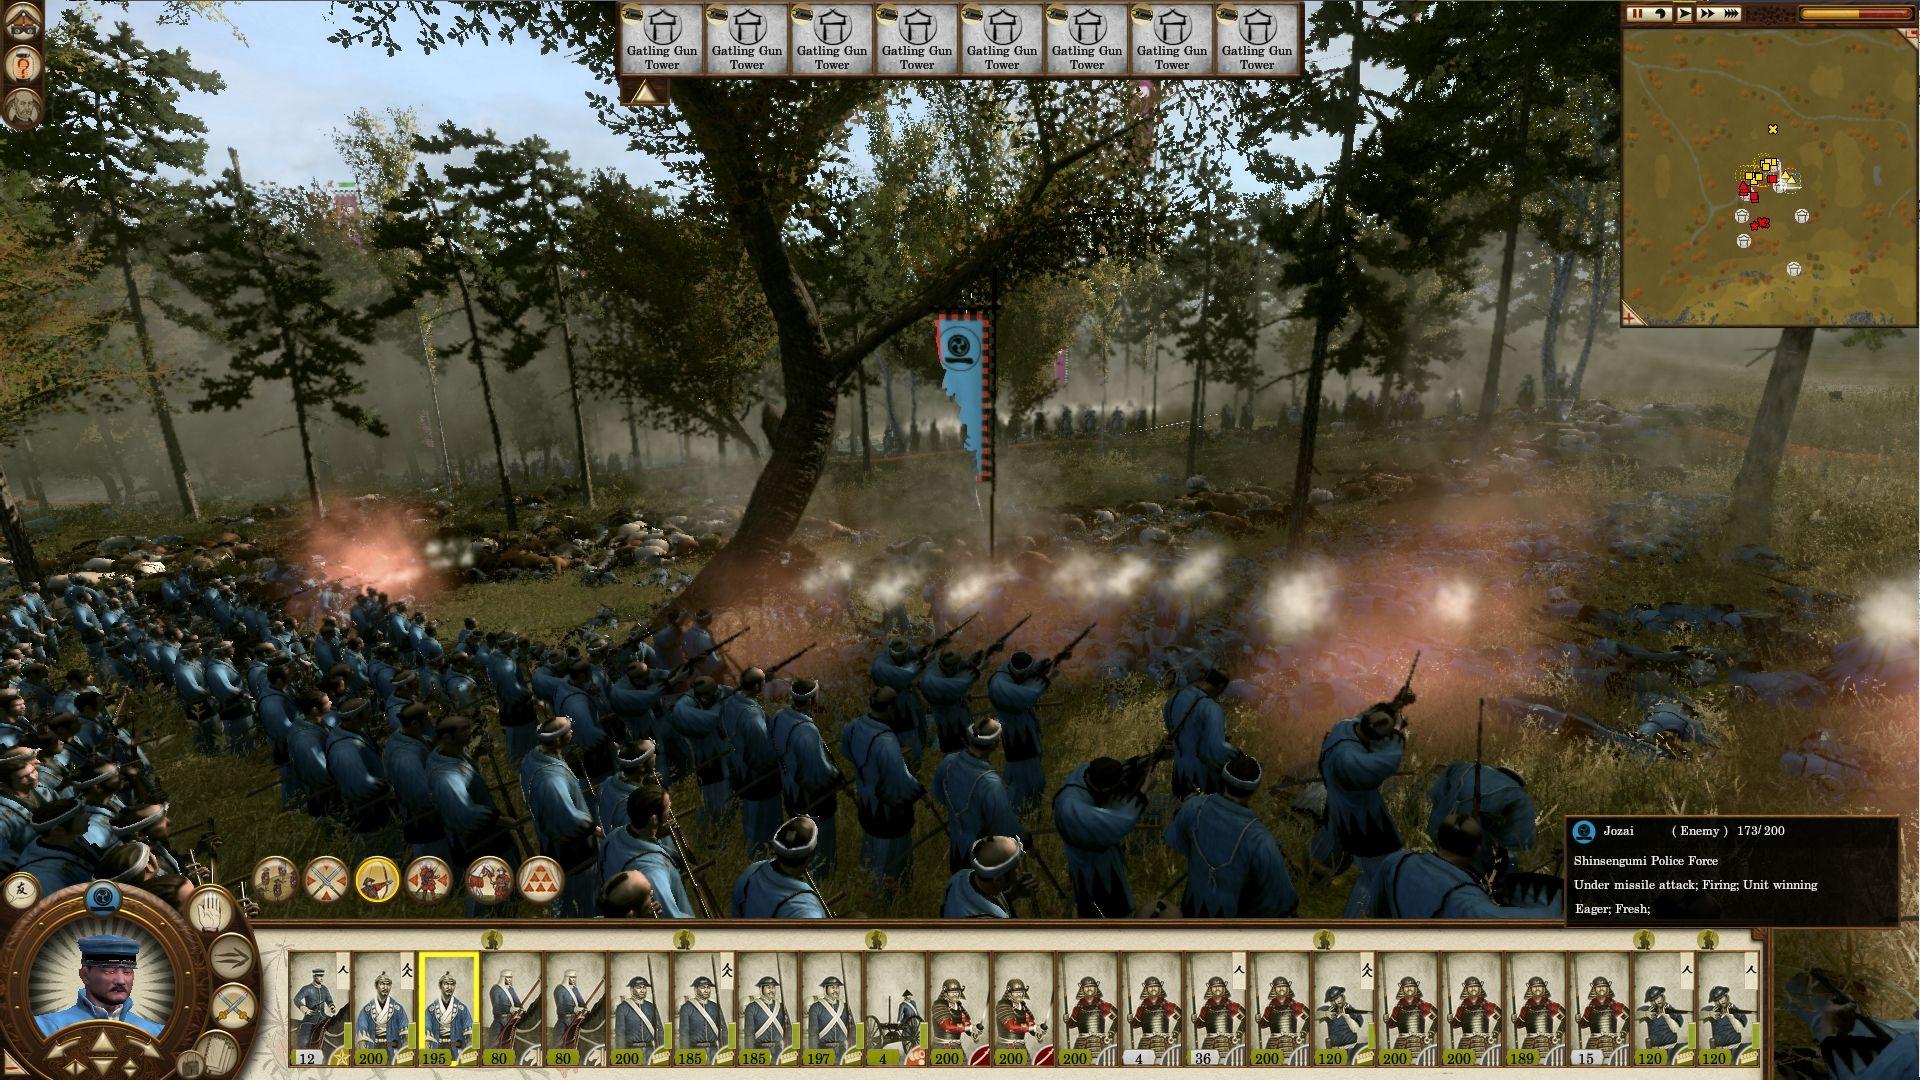 Datum vydání datadisku Shogun 2: Fall of the Samurai 59637